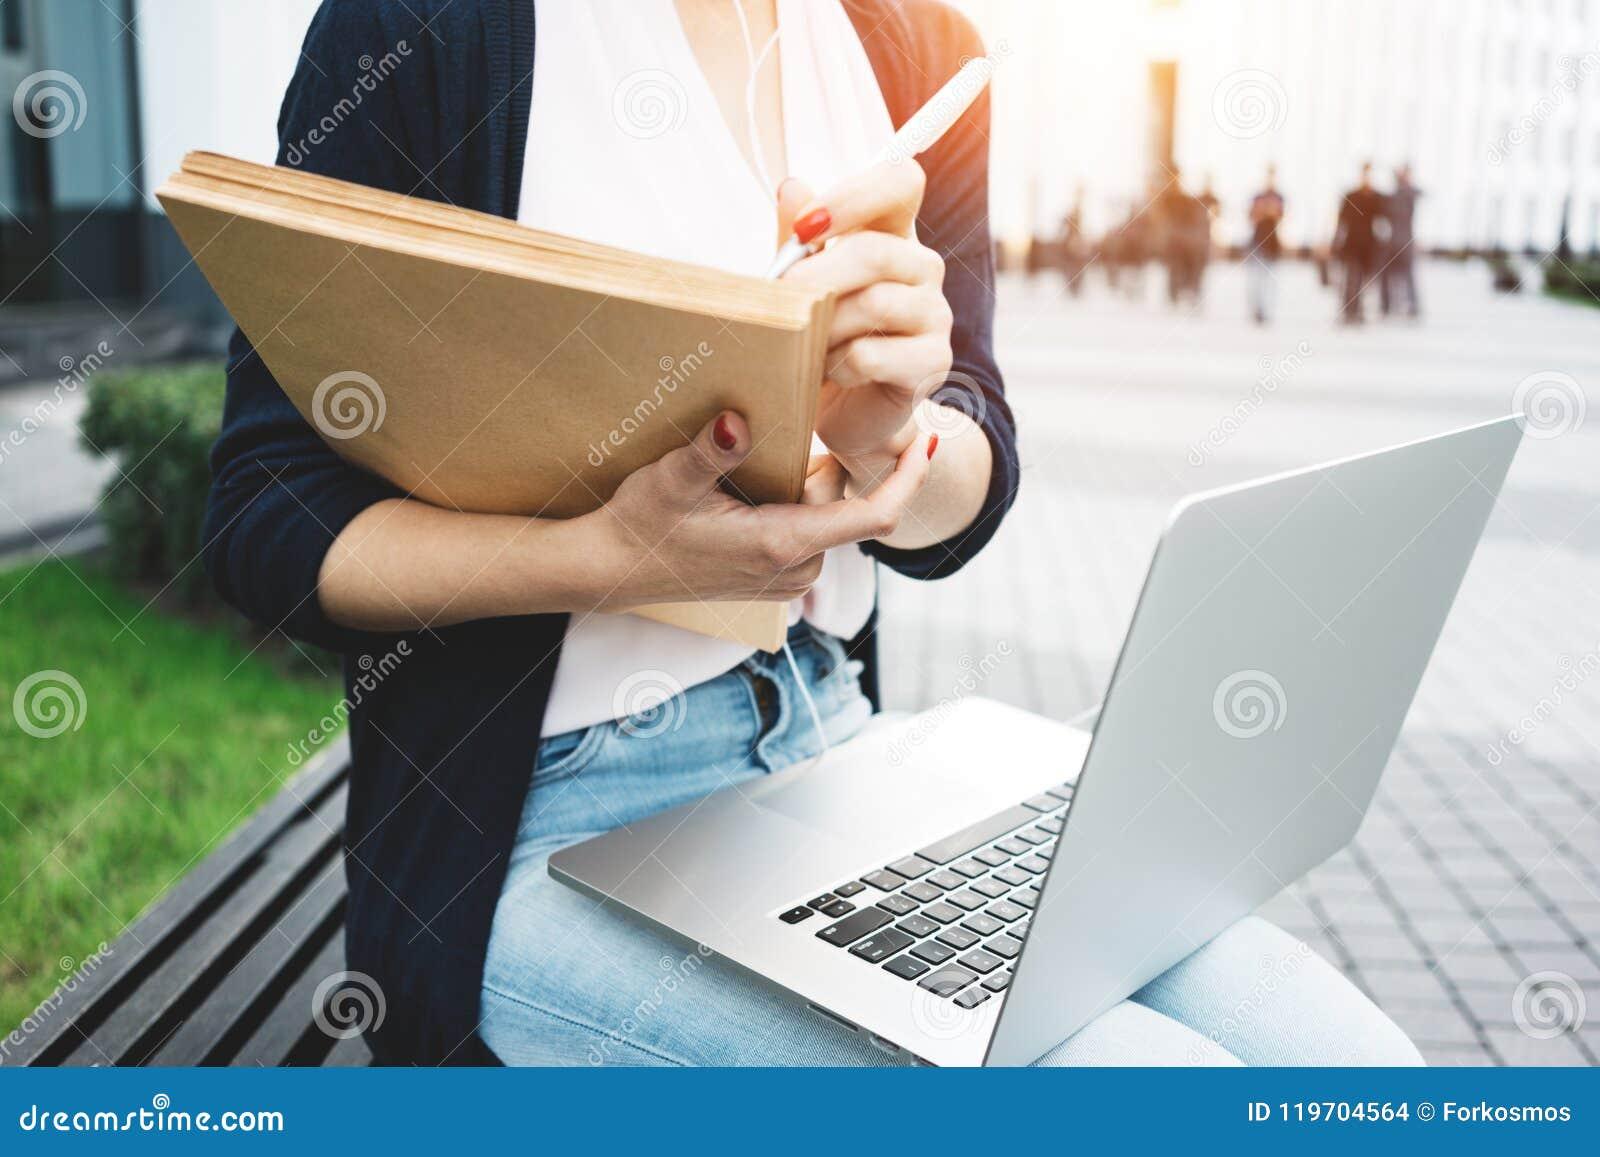 Het jonge wijfje die freelancer arbeidsmarktonderzoek naar moderne laptop maken, zit in openlucht in stedelijke straat